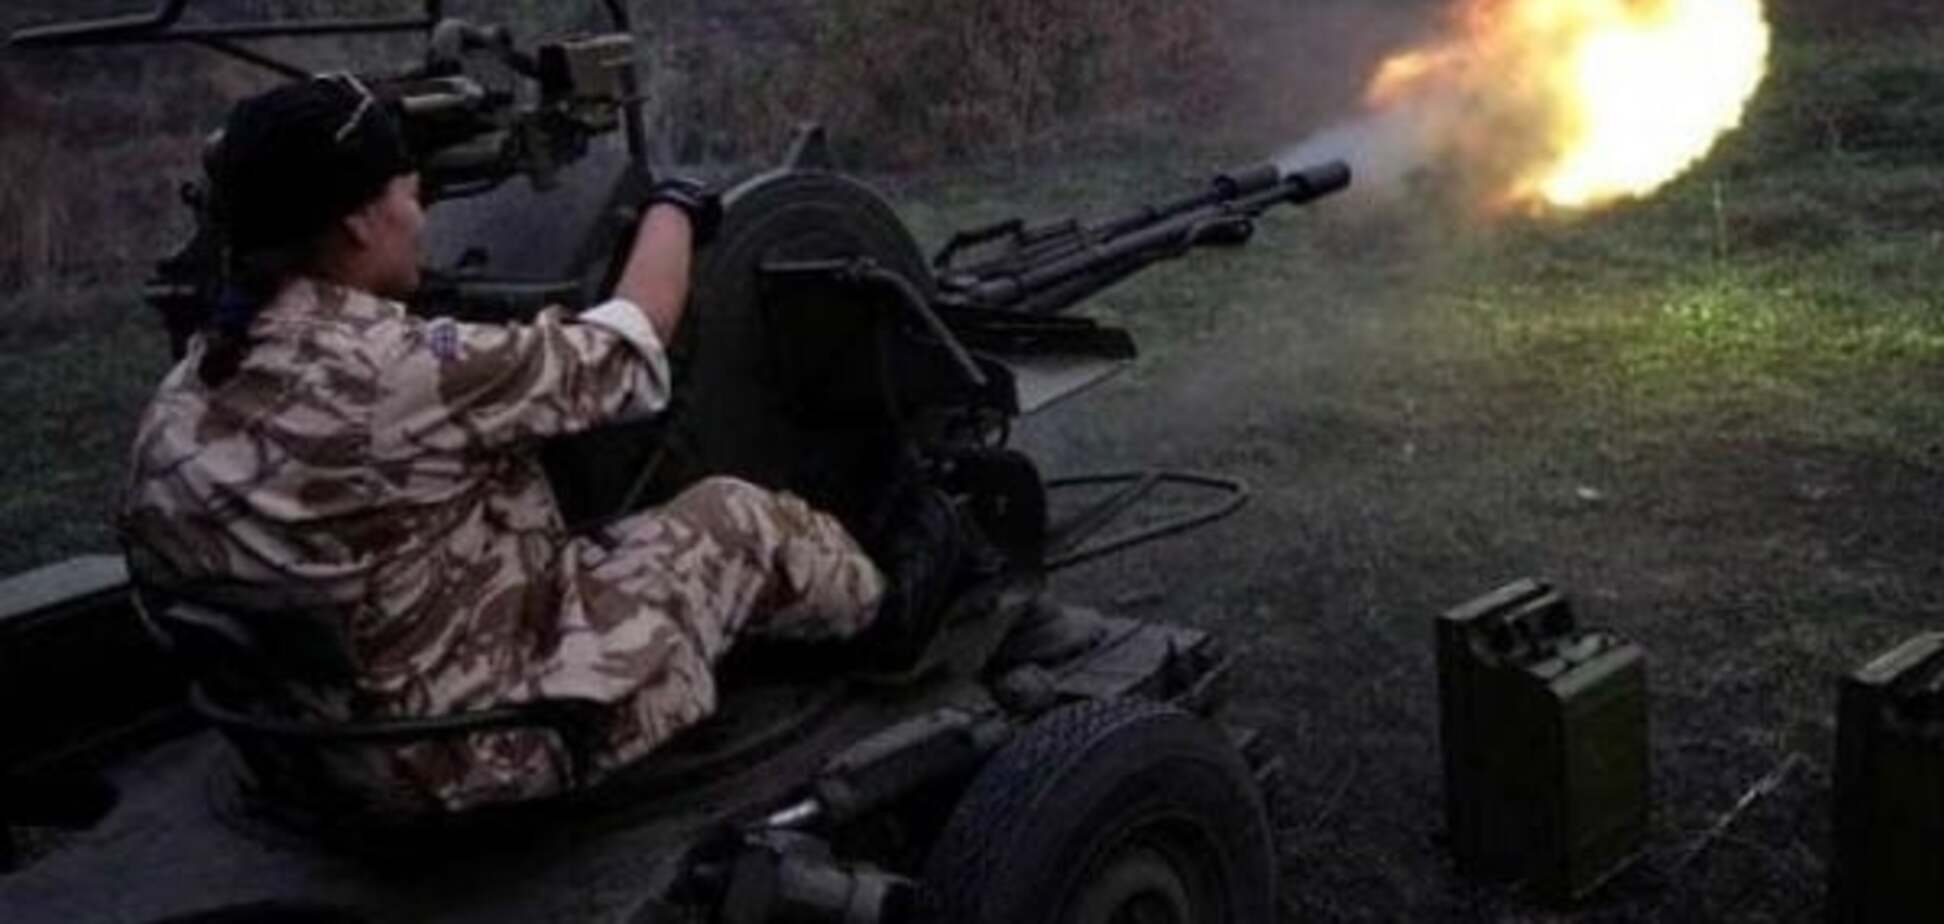 Раненые и погибший: разведка сообщила о потерях террористов на Донбассе